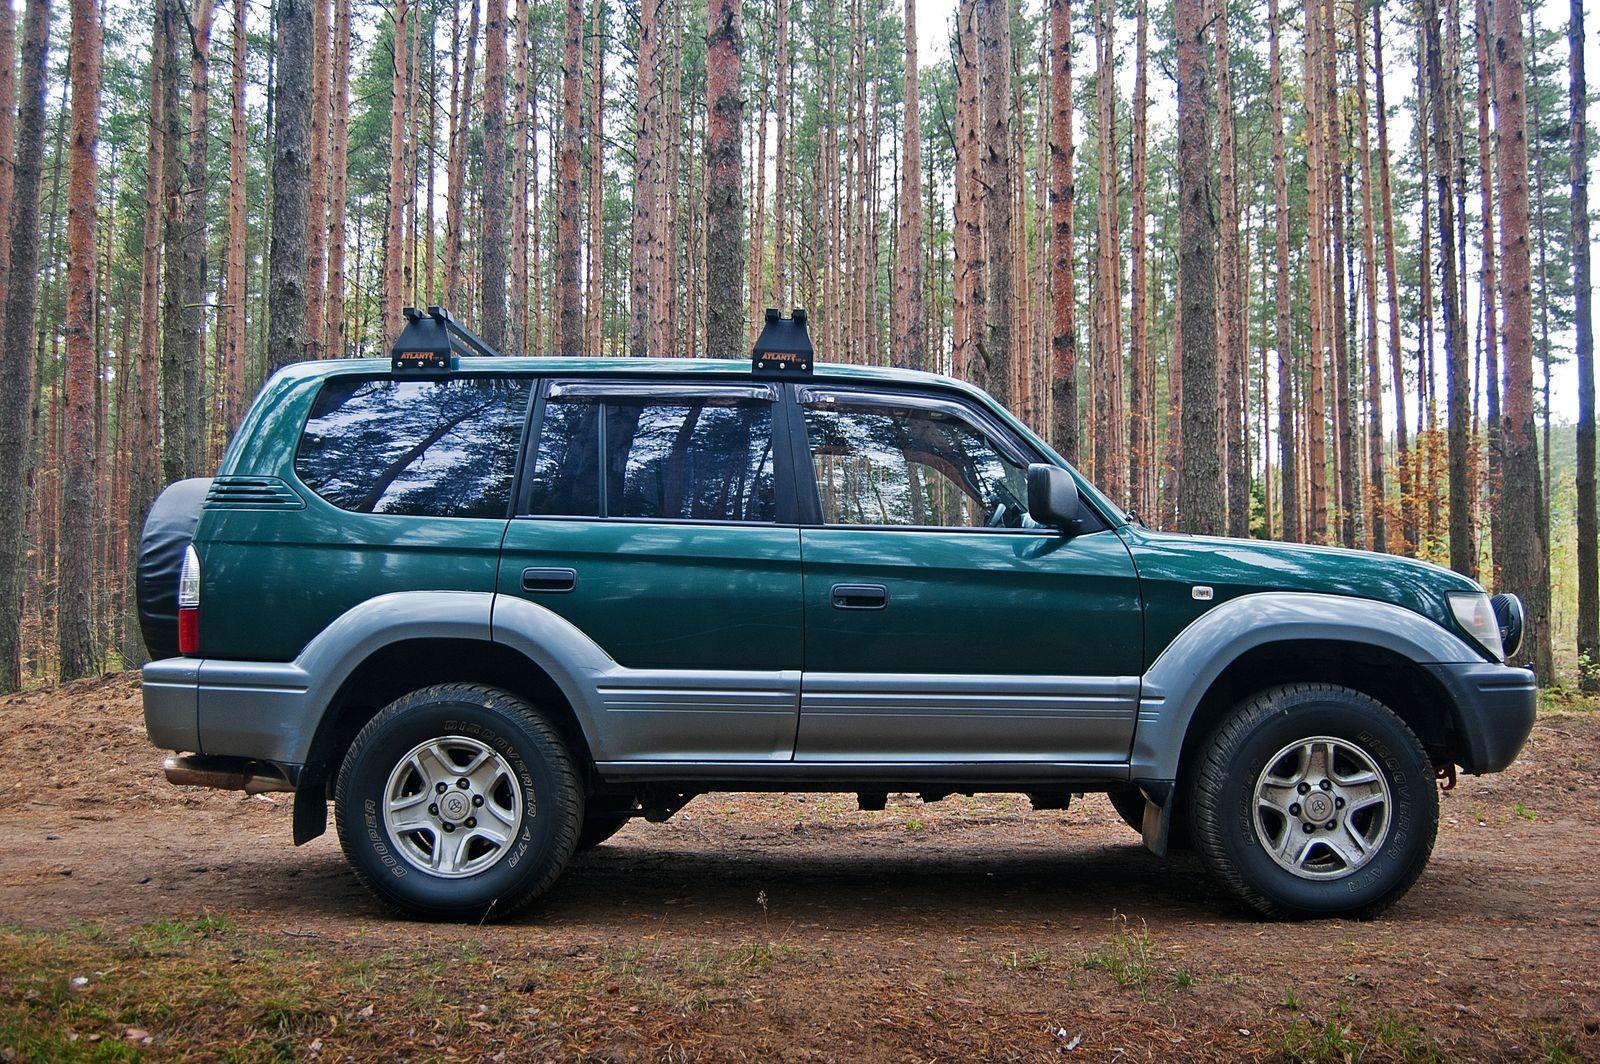 Перевёртыш, 270 тысяч километров и 20 литров на «сотню»: опыт владения Toyota LС Prado 90